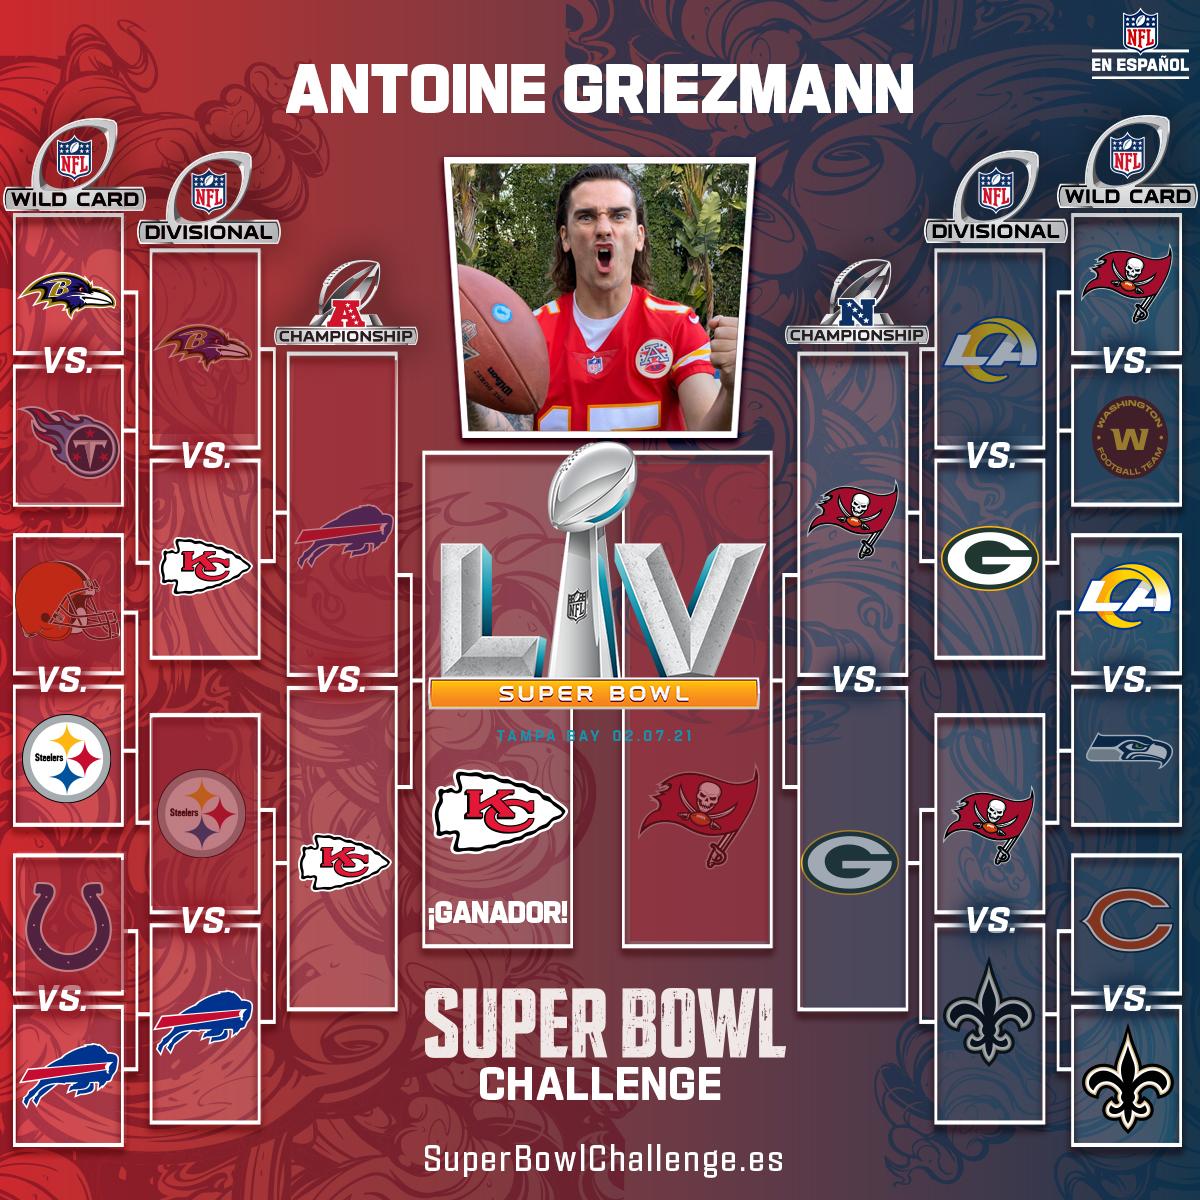 ¿Habrá Super Bowl soñado entre Brady y Mahomes? El fan #1 de #ChiefsKingdom en 🇪🇸 cree que sí 👀 ... Reta a @AntoGriezmann en el #SBChallengeES aquí: